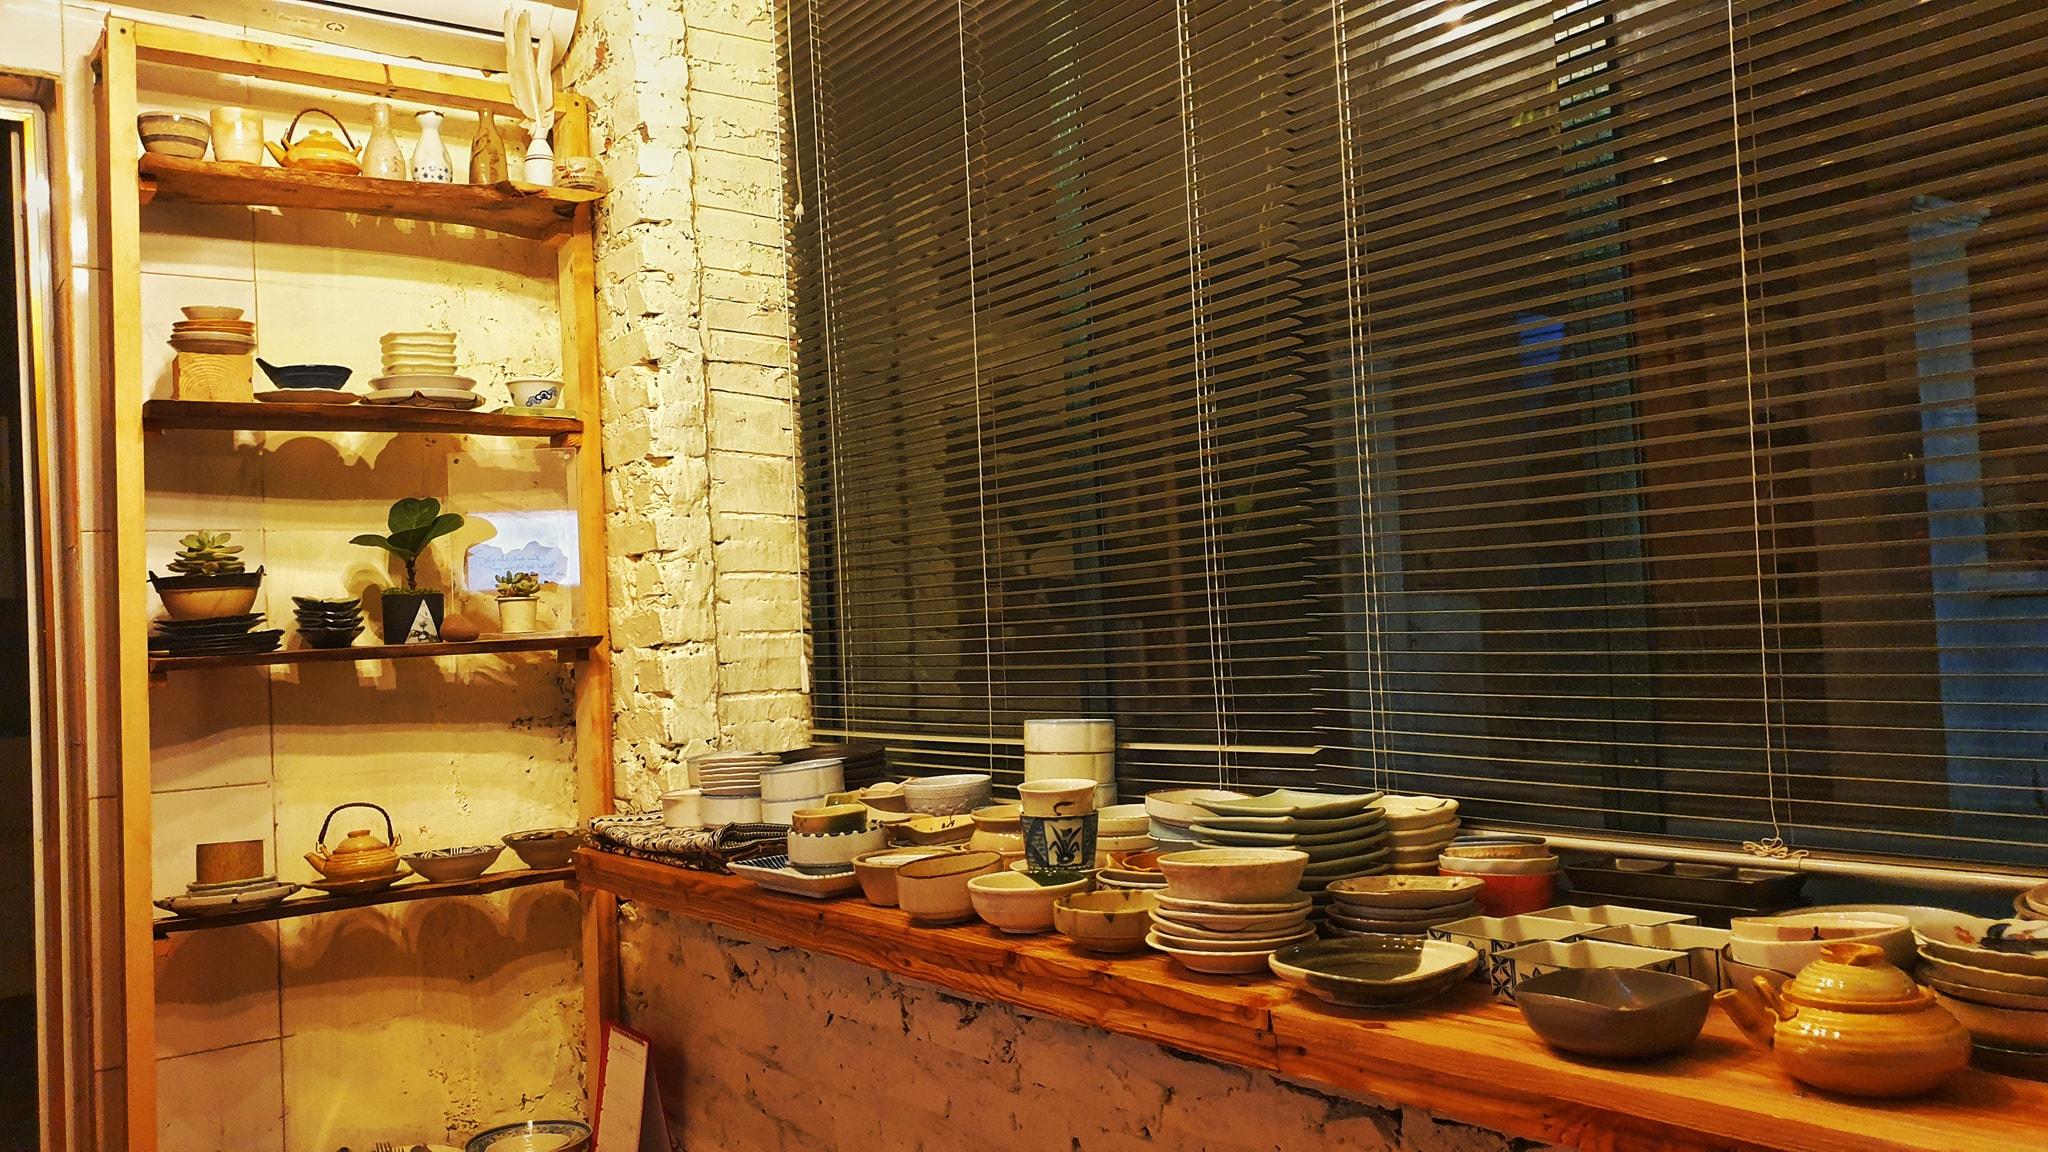 Chàng trai miền Trung biến nhà kho cũ thành ngôi nhà hạnh phúc đẹp lãng mạn cho hai vợ chồng - Ảnh 15.